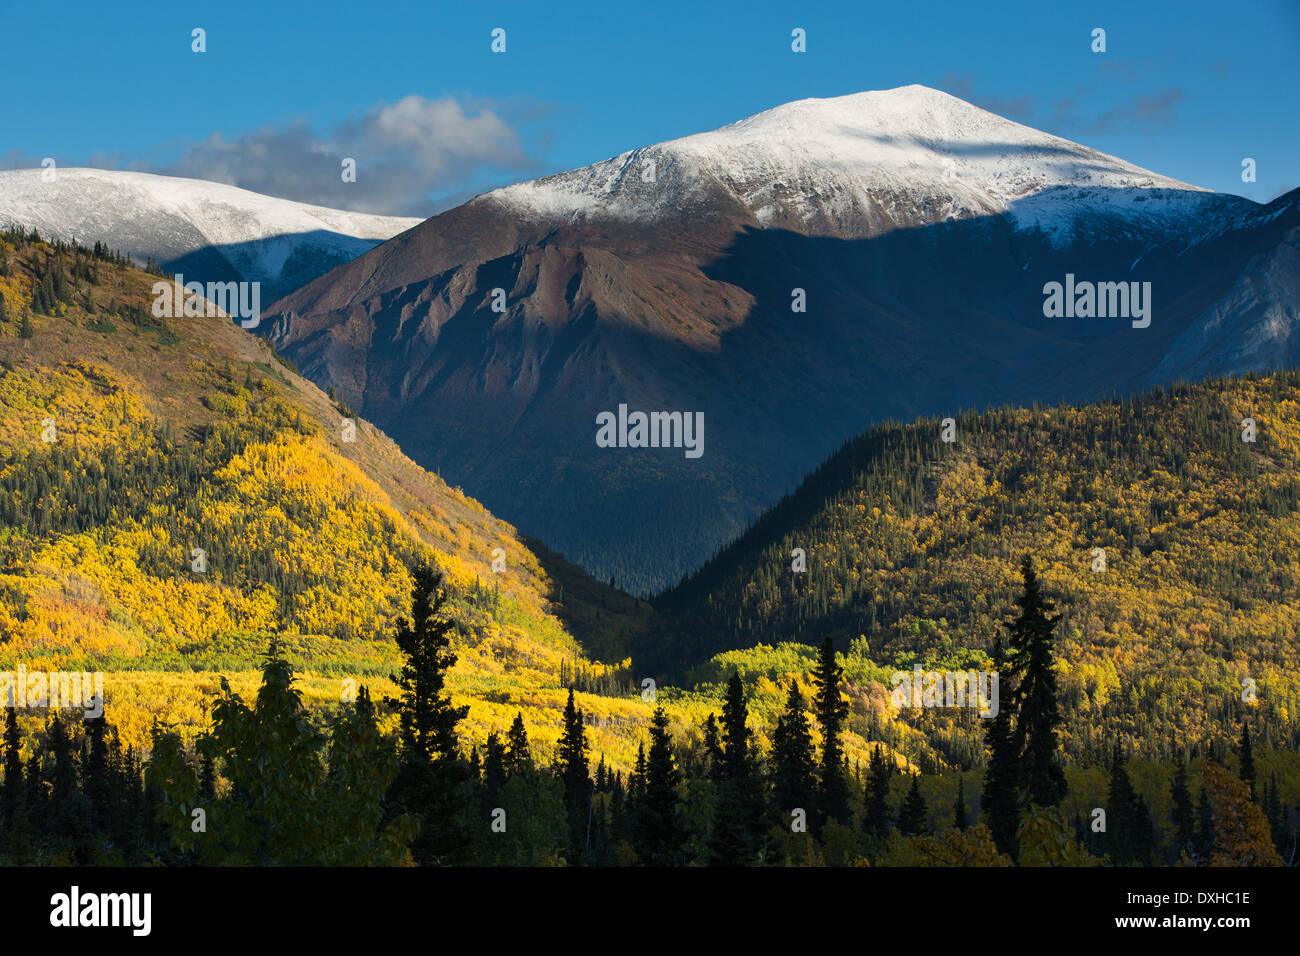 Colores de otoño a lo largo del South Klondike Highway y una sombra se asemeja a la cabeza de un lobo joven Pico British Columbia Canadá Imagen De Stock